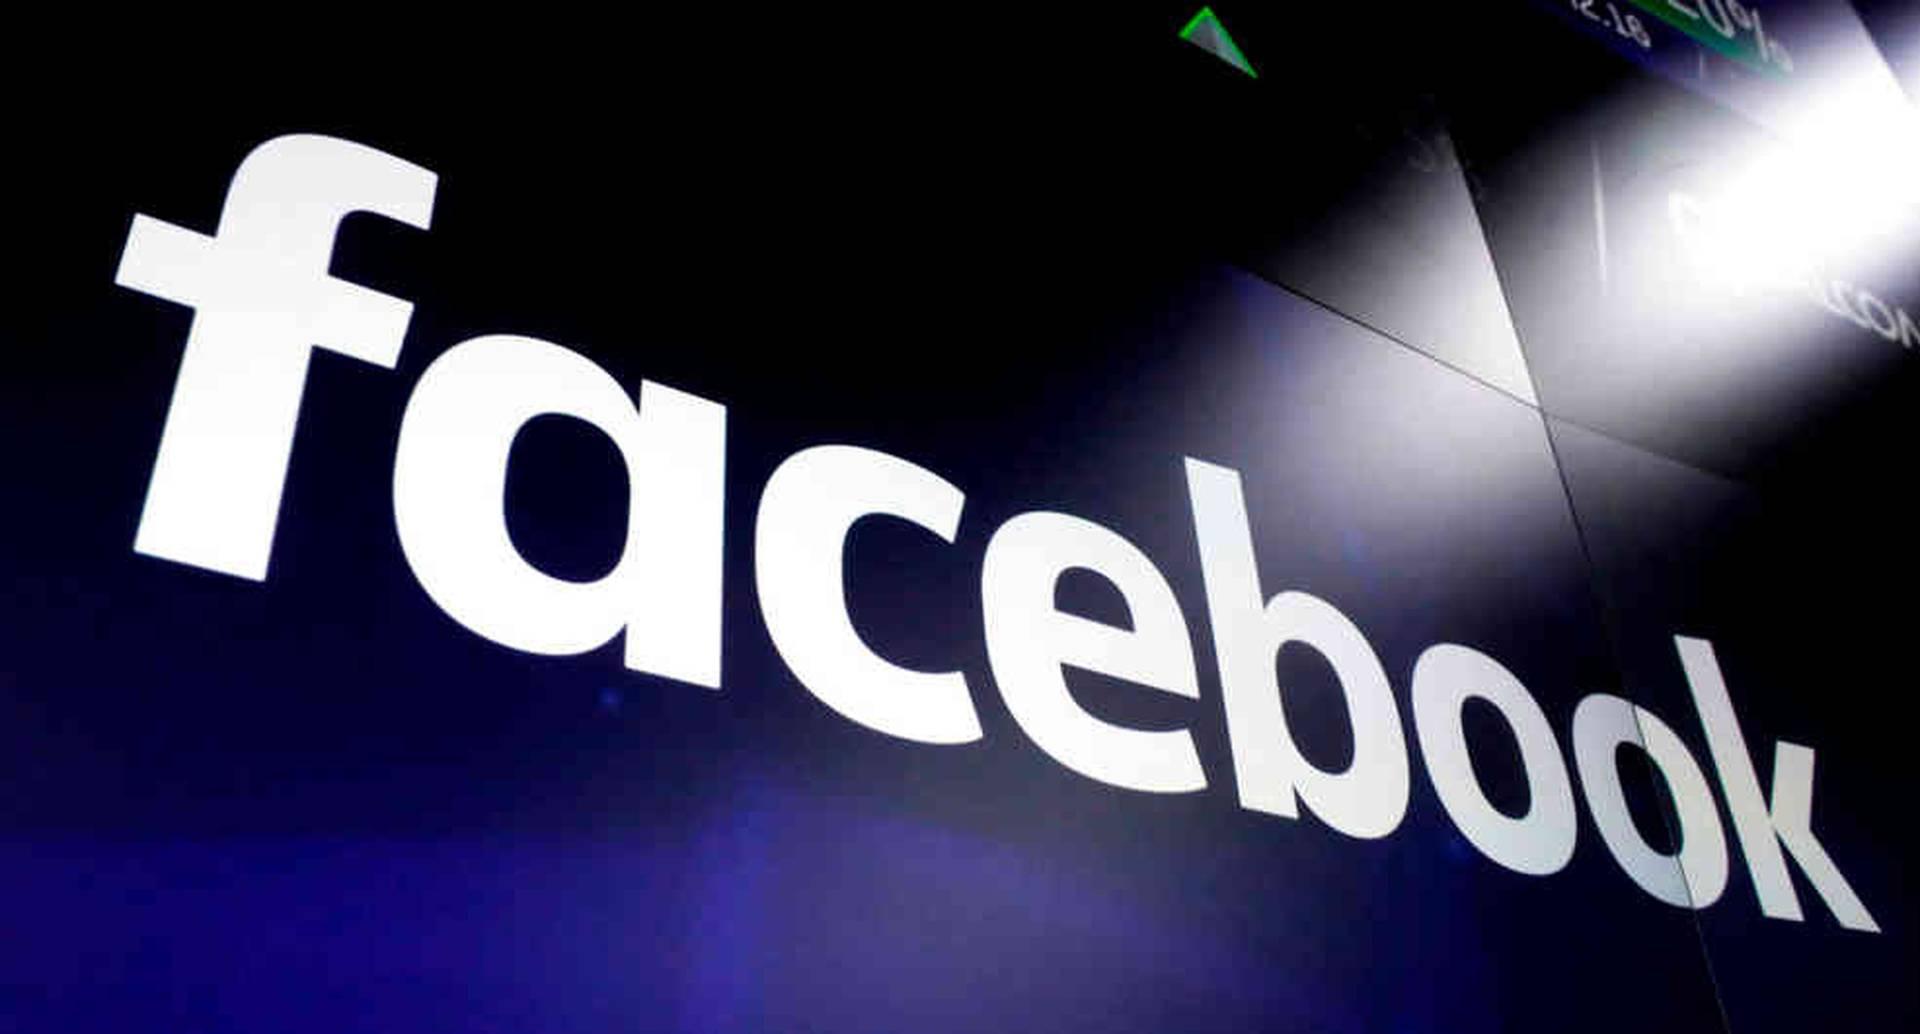 En el pronunciamiento, Facebook expresó su compromiso con la libertad de expresión.